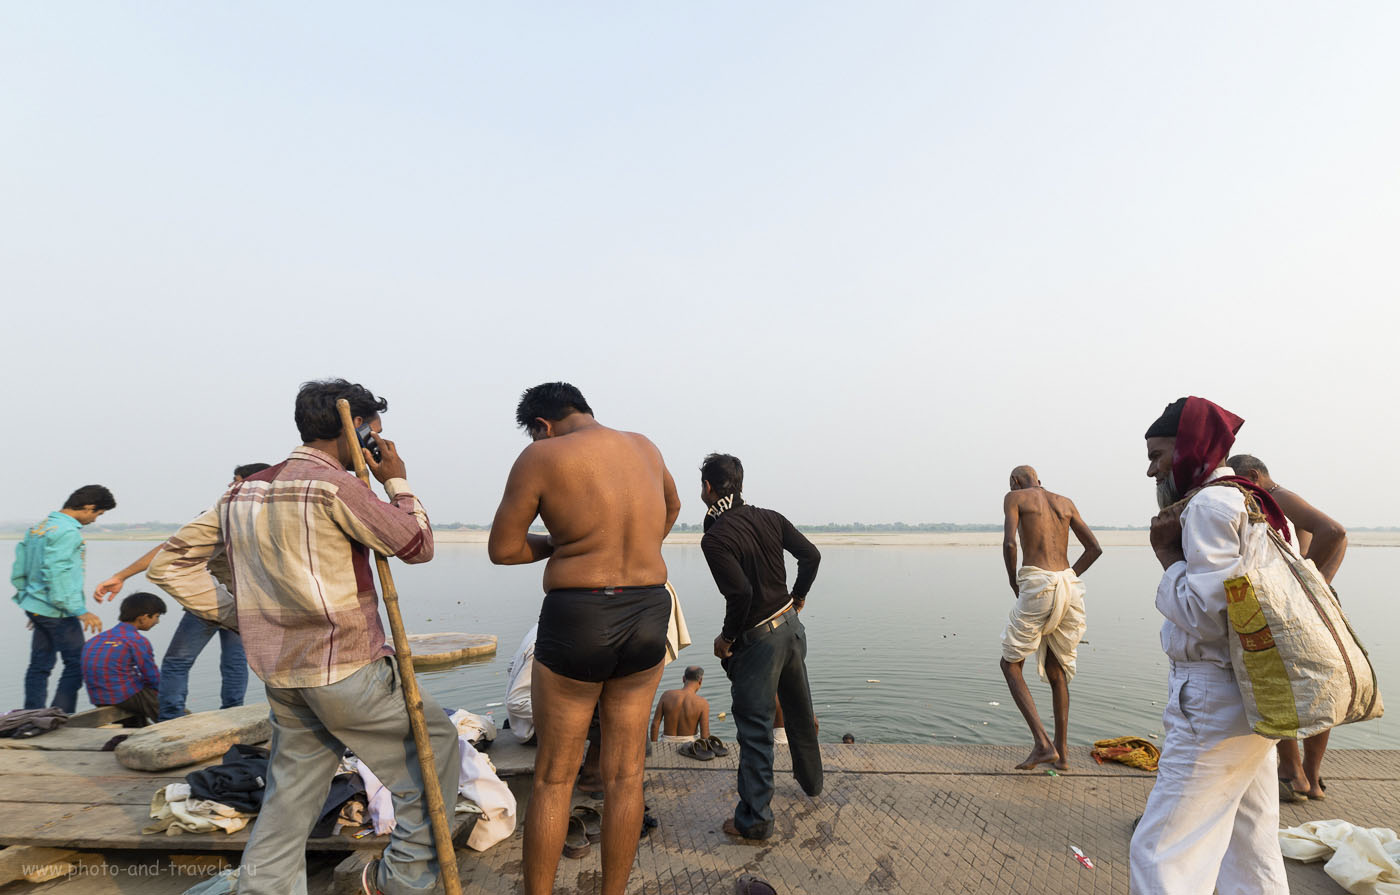 Фотография 18. Подготовка к купанию в священной реке Ганг на гхате в Варанаси. Совсем рядом - сжигают людей, но на это никто не обращает внимания. Отчет о путешествии по Индии. 1/160, 8.0, 200, 14. Фотокамера Nikon D610, сверхширокоугольный объектив Samyang 14/2.8.